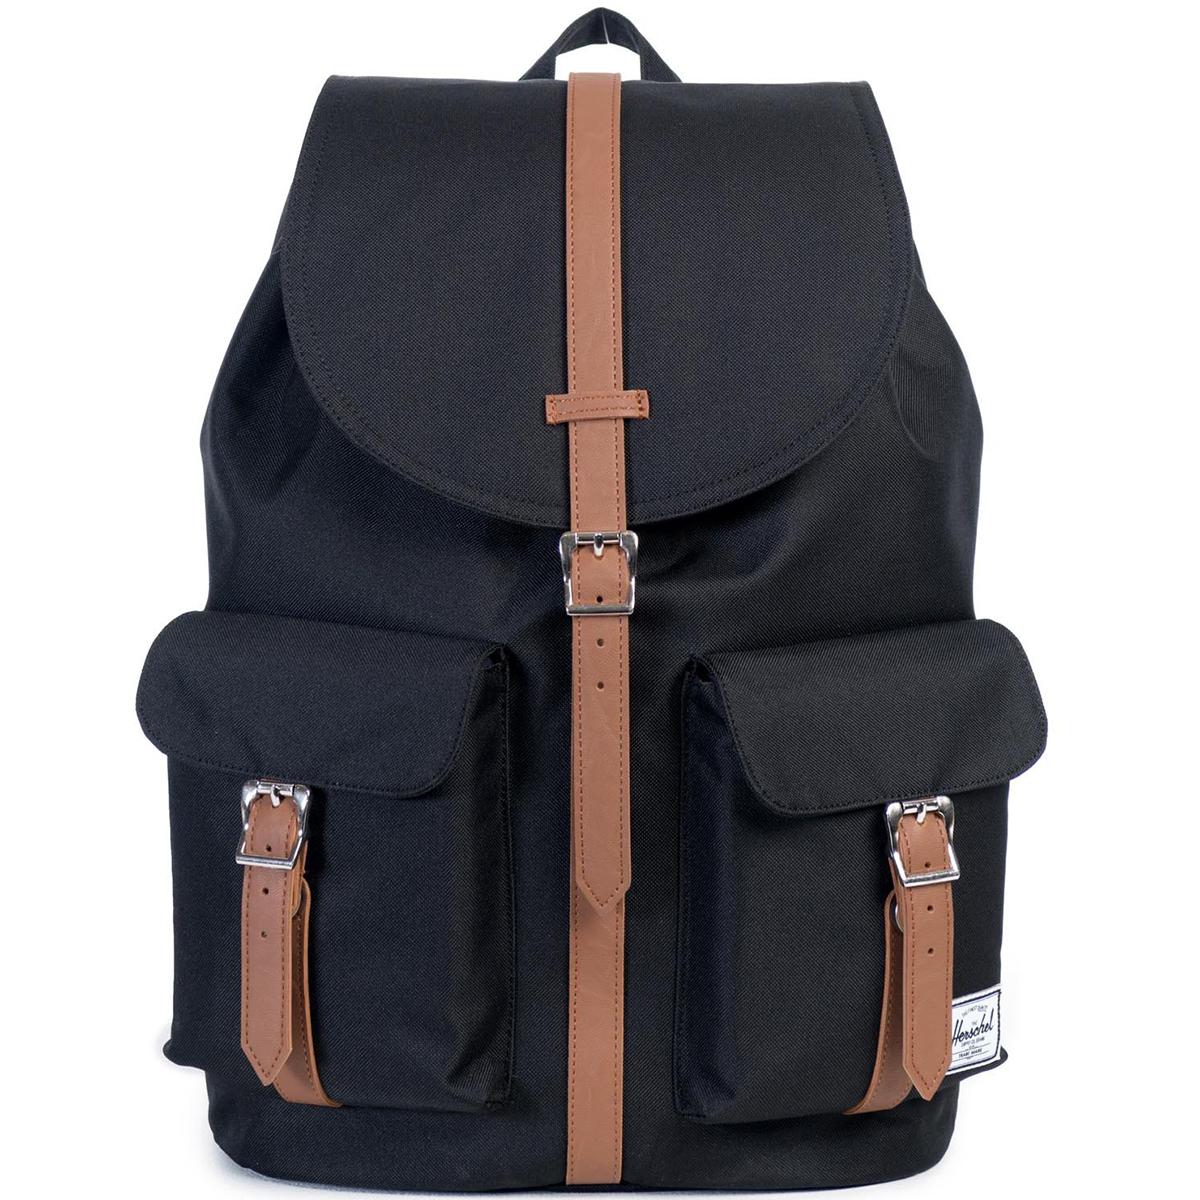 Рюкзак городской Herschel Dawson (A/S), цвет: черный, светло-коричневый. 828432082667 рюкзак городской herschel settlement цвет светло зеленый черный 23 л 10005 01555 os